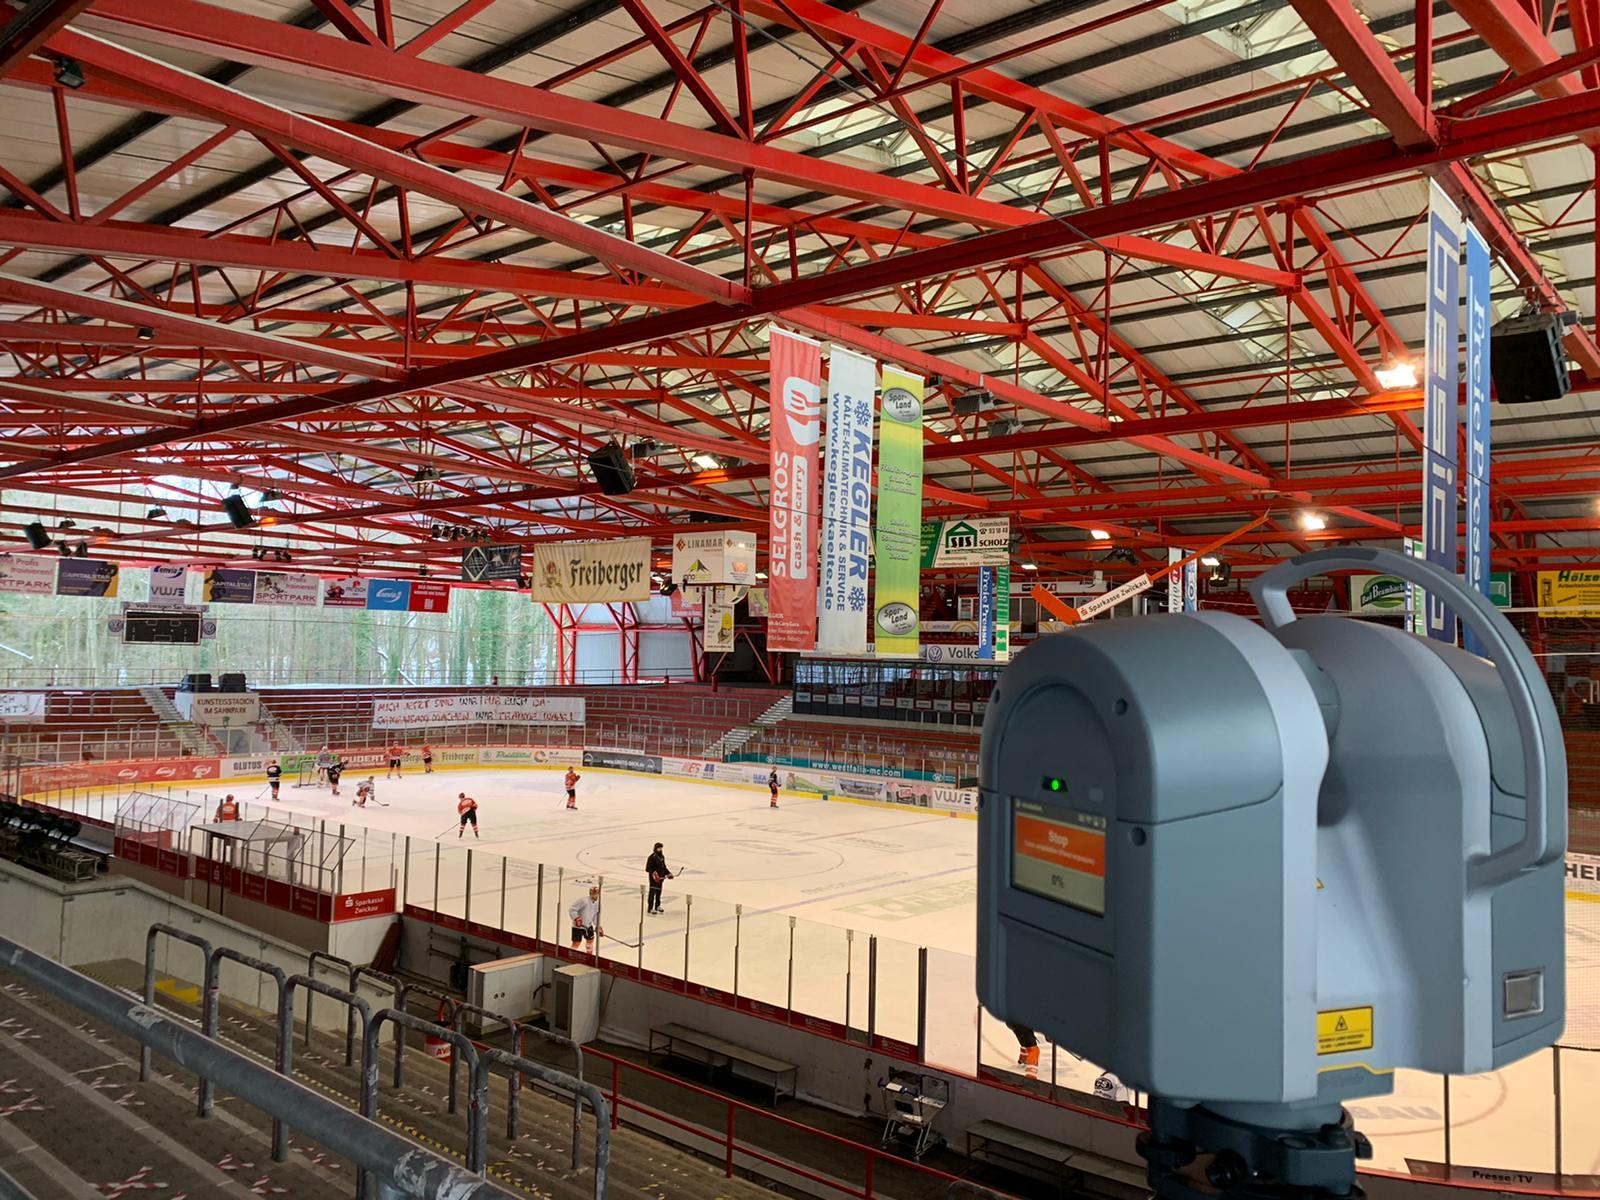 Eisstadion_Sahnpark_Crimmitschau